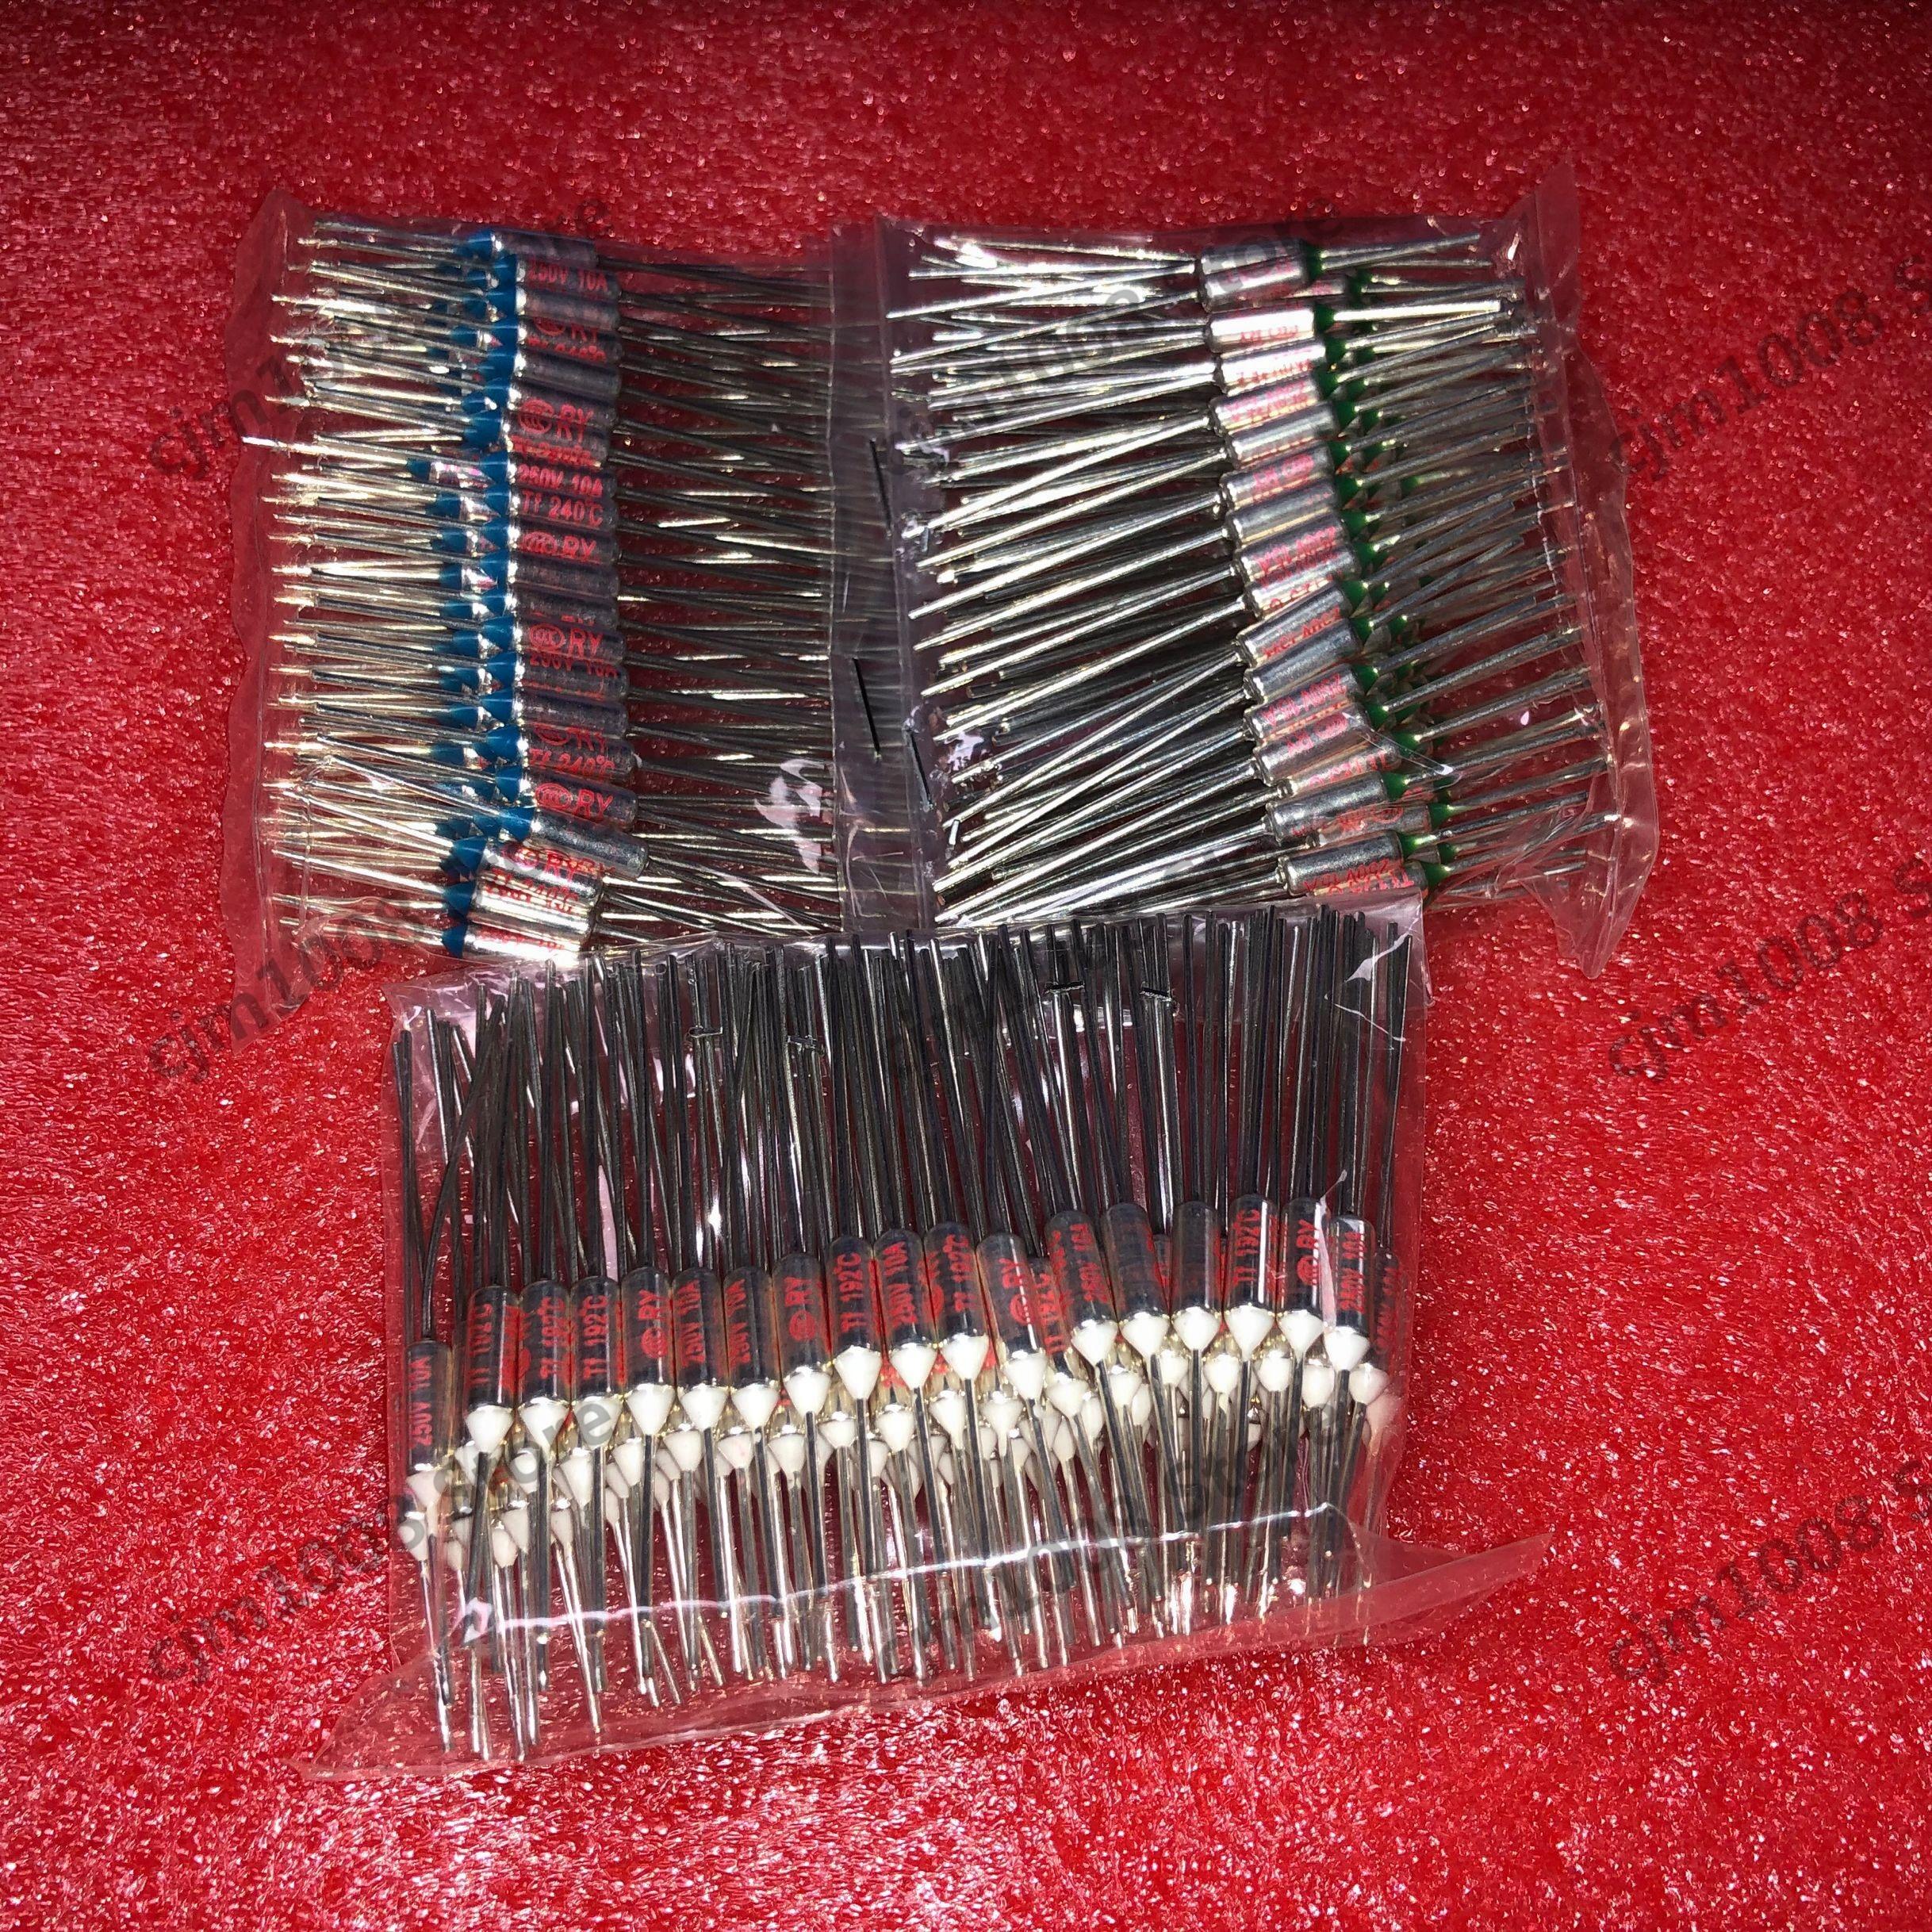 10 pçs/lote novo micro fusível térmico 10a 250 v ry 80 graus tf 80 c mini temp fusível metal escudo corte térmico